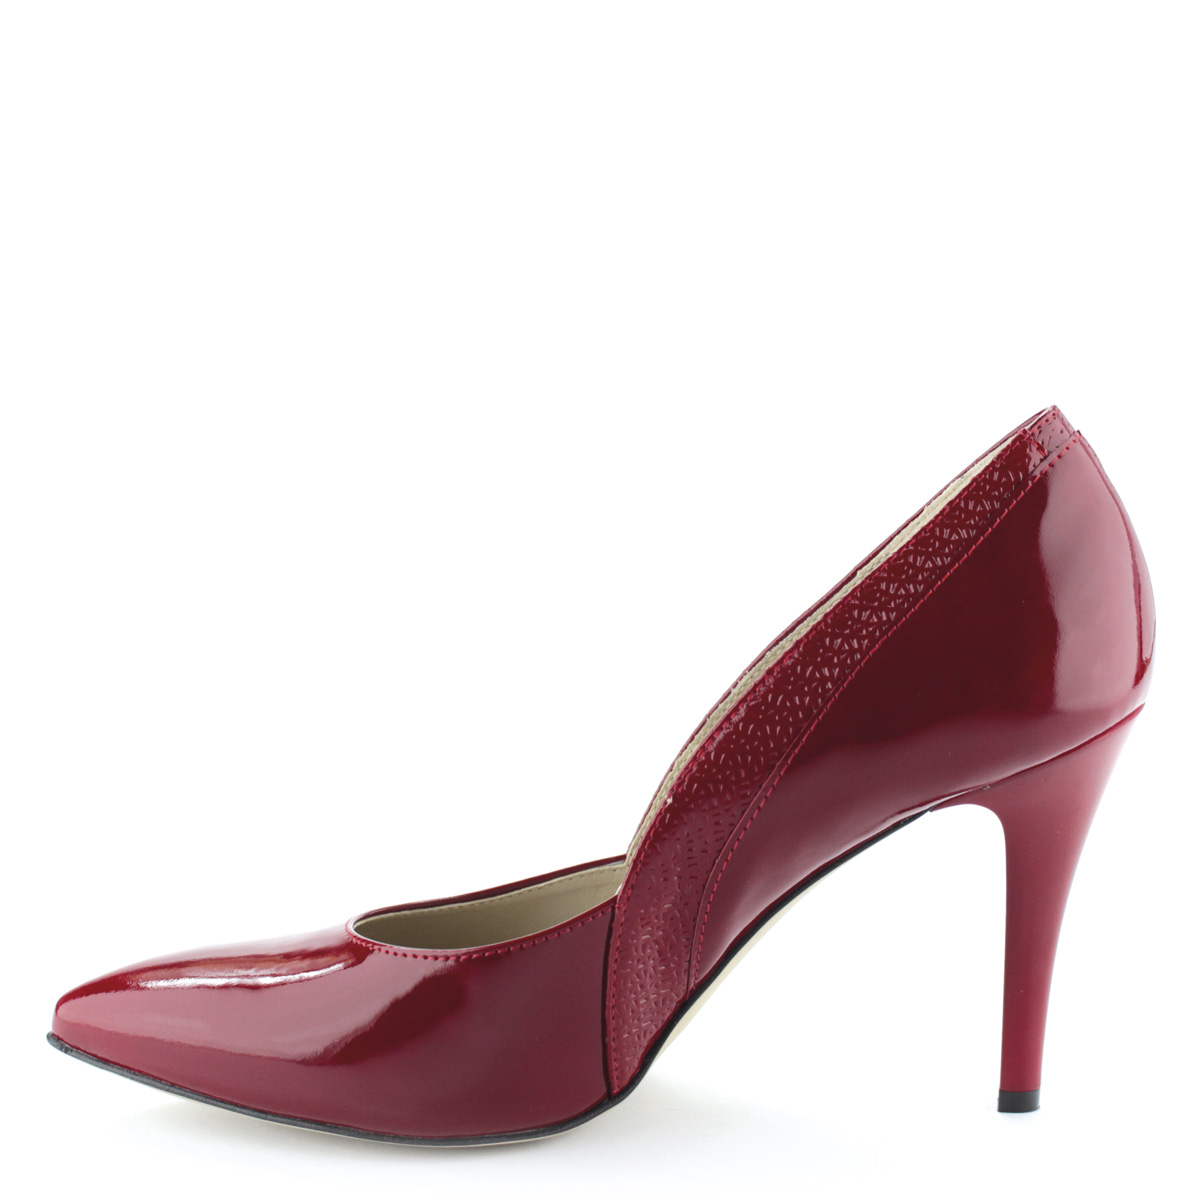 Felsőrésze és bélése  Piros színű magas sarkú lakk alkalmi cipő. Sarka 9 cm  magas. e8538b2668